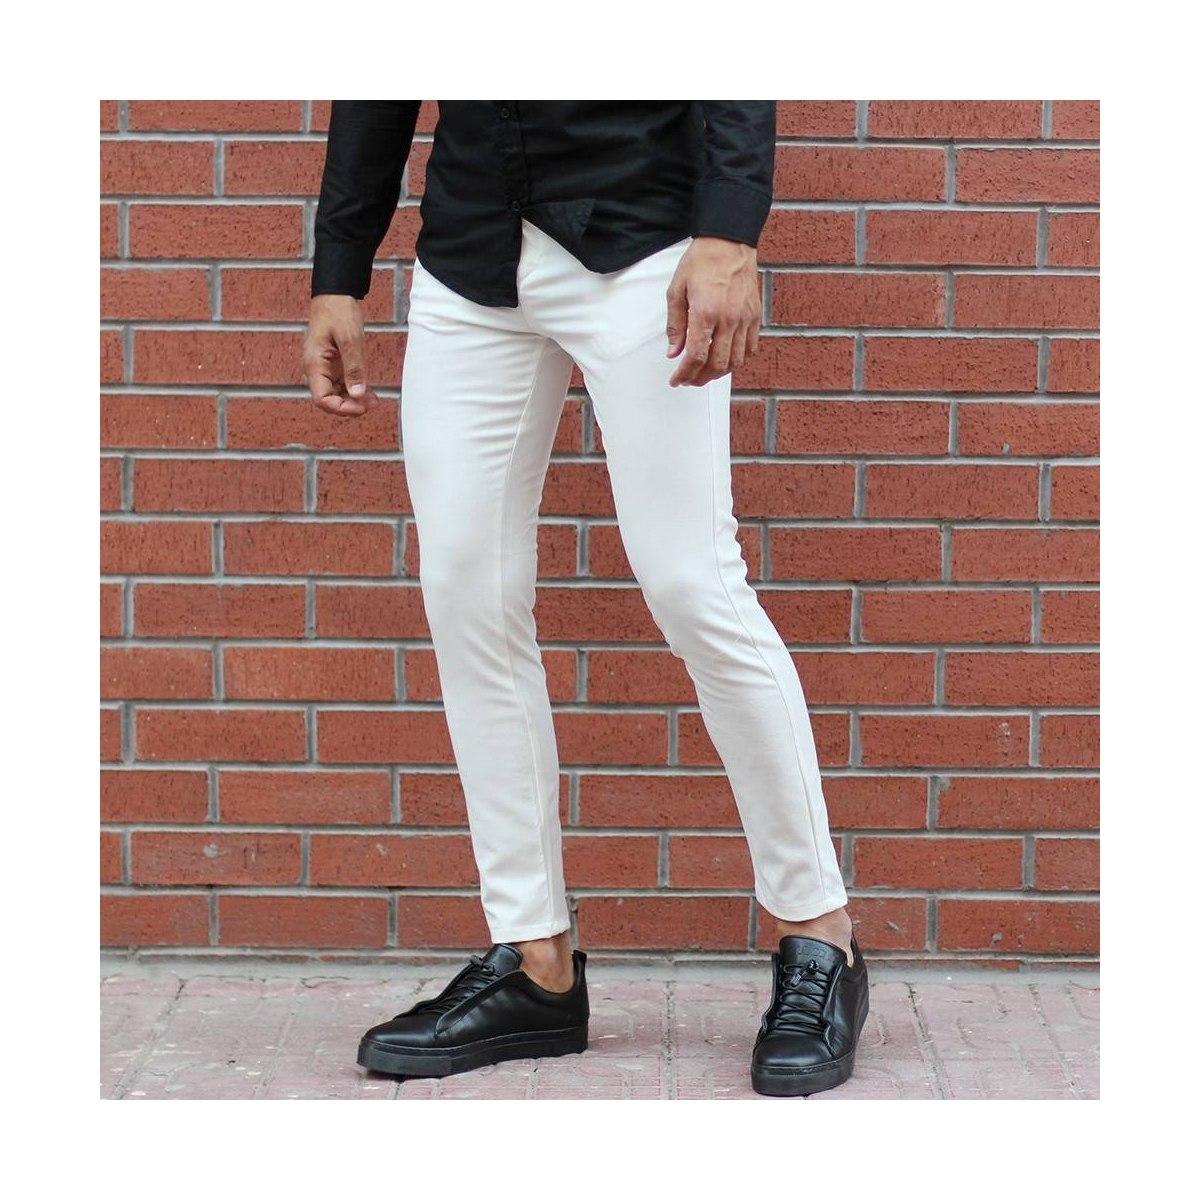 Men's Basic Stylish Skinny Jeans MV Jeans Collection - 4